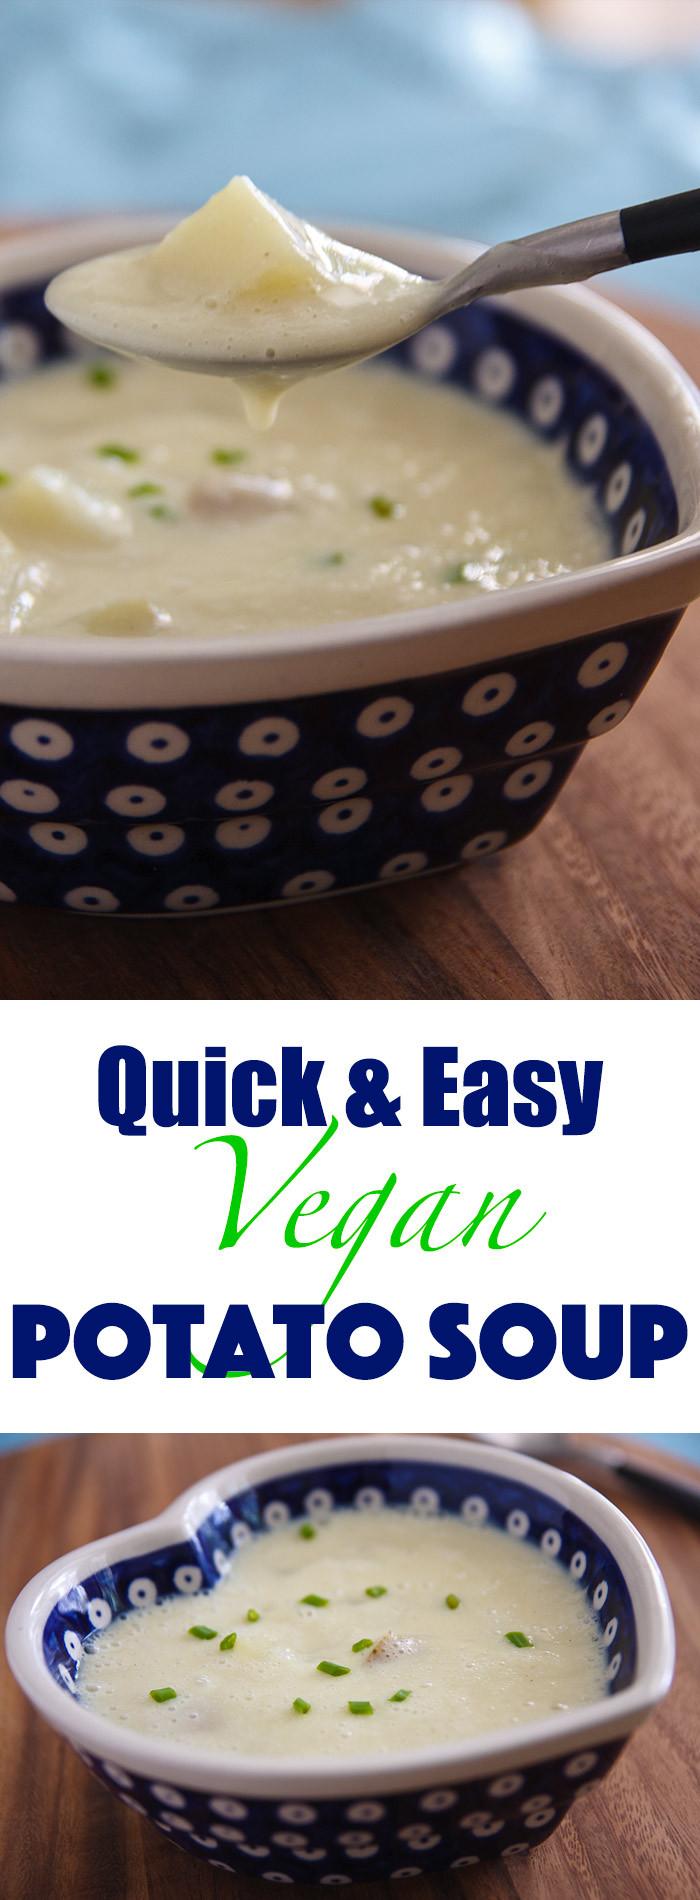 Potato Soup Recipe Easy  Quick and Easy Potato Soup